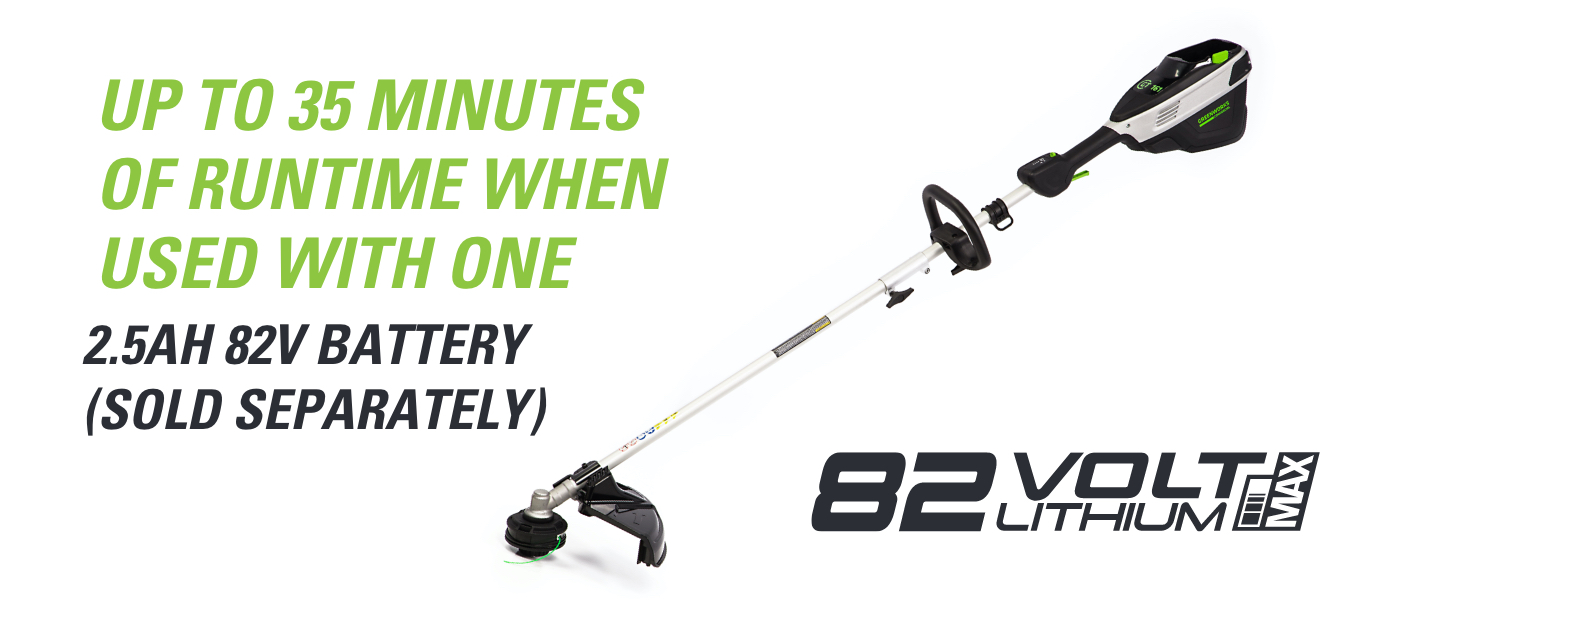 82V 16-Inch String Trimmer | Greenworks Commercial